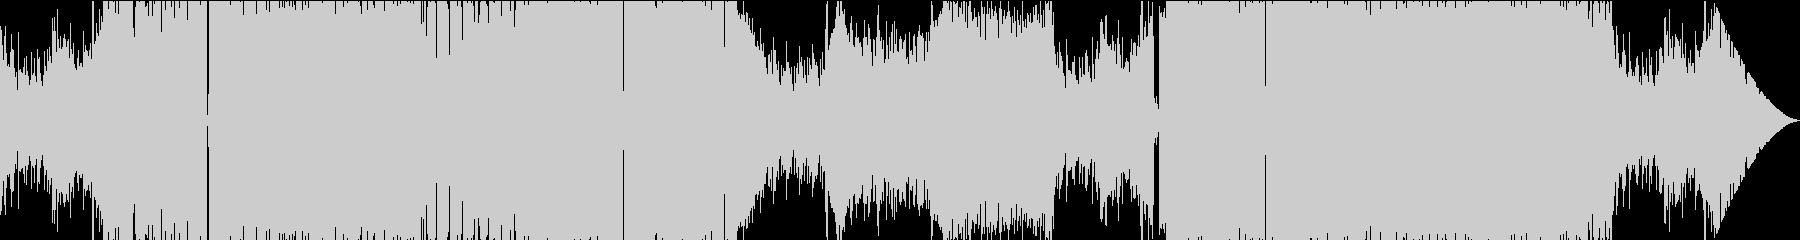 ボカロ系オケの熱いトランス テクノ曲の未再生の波形